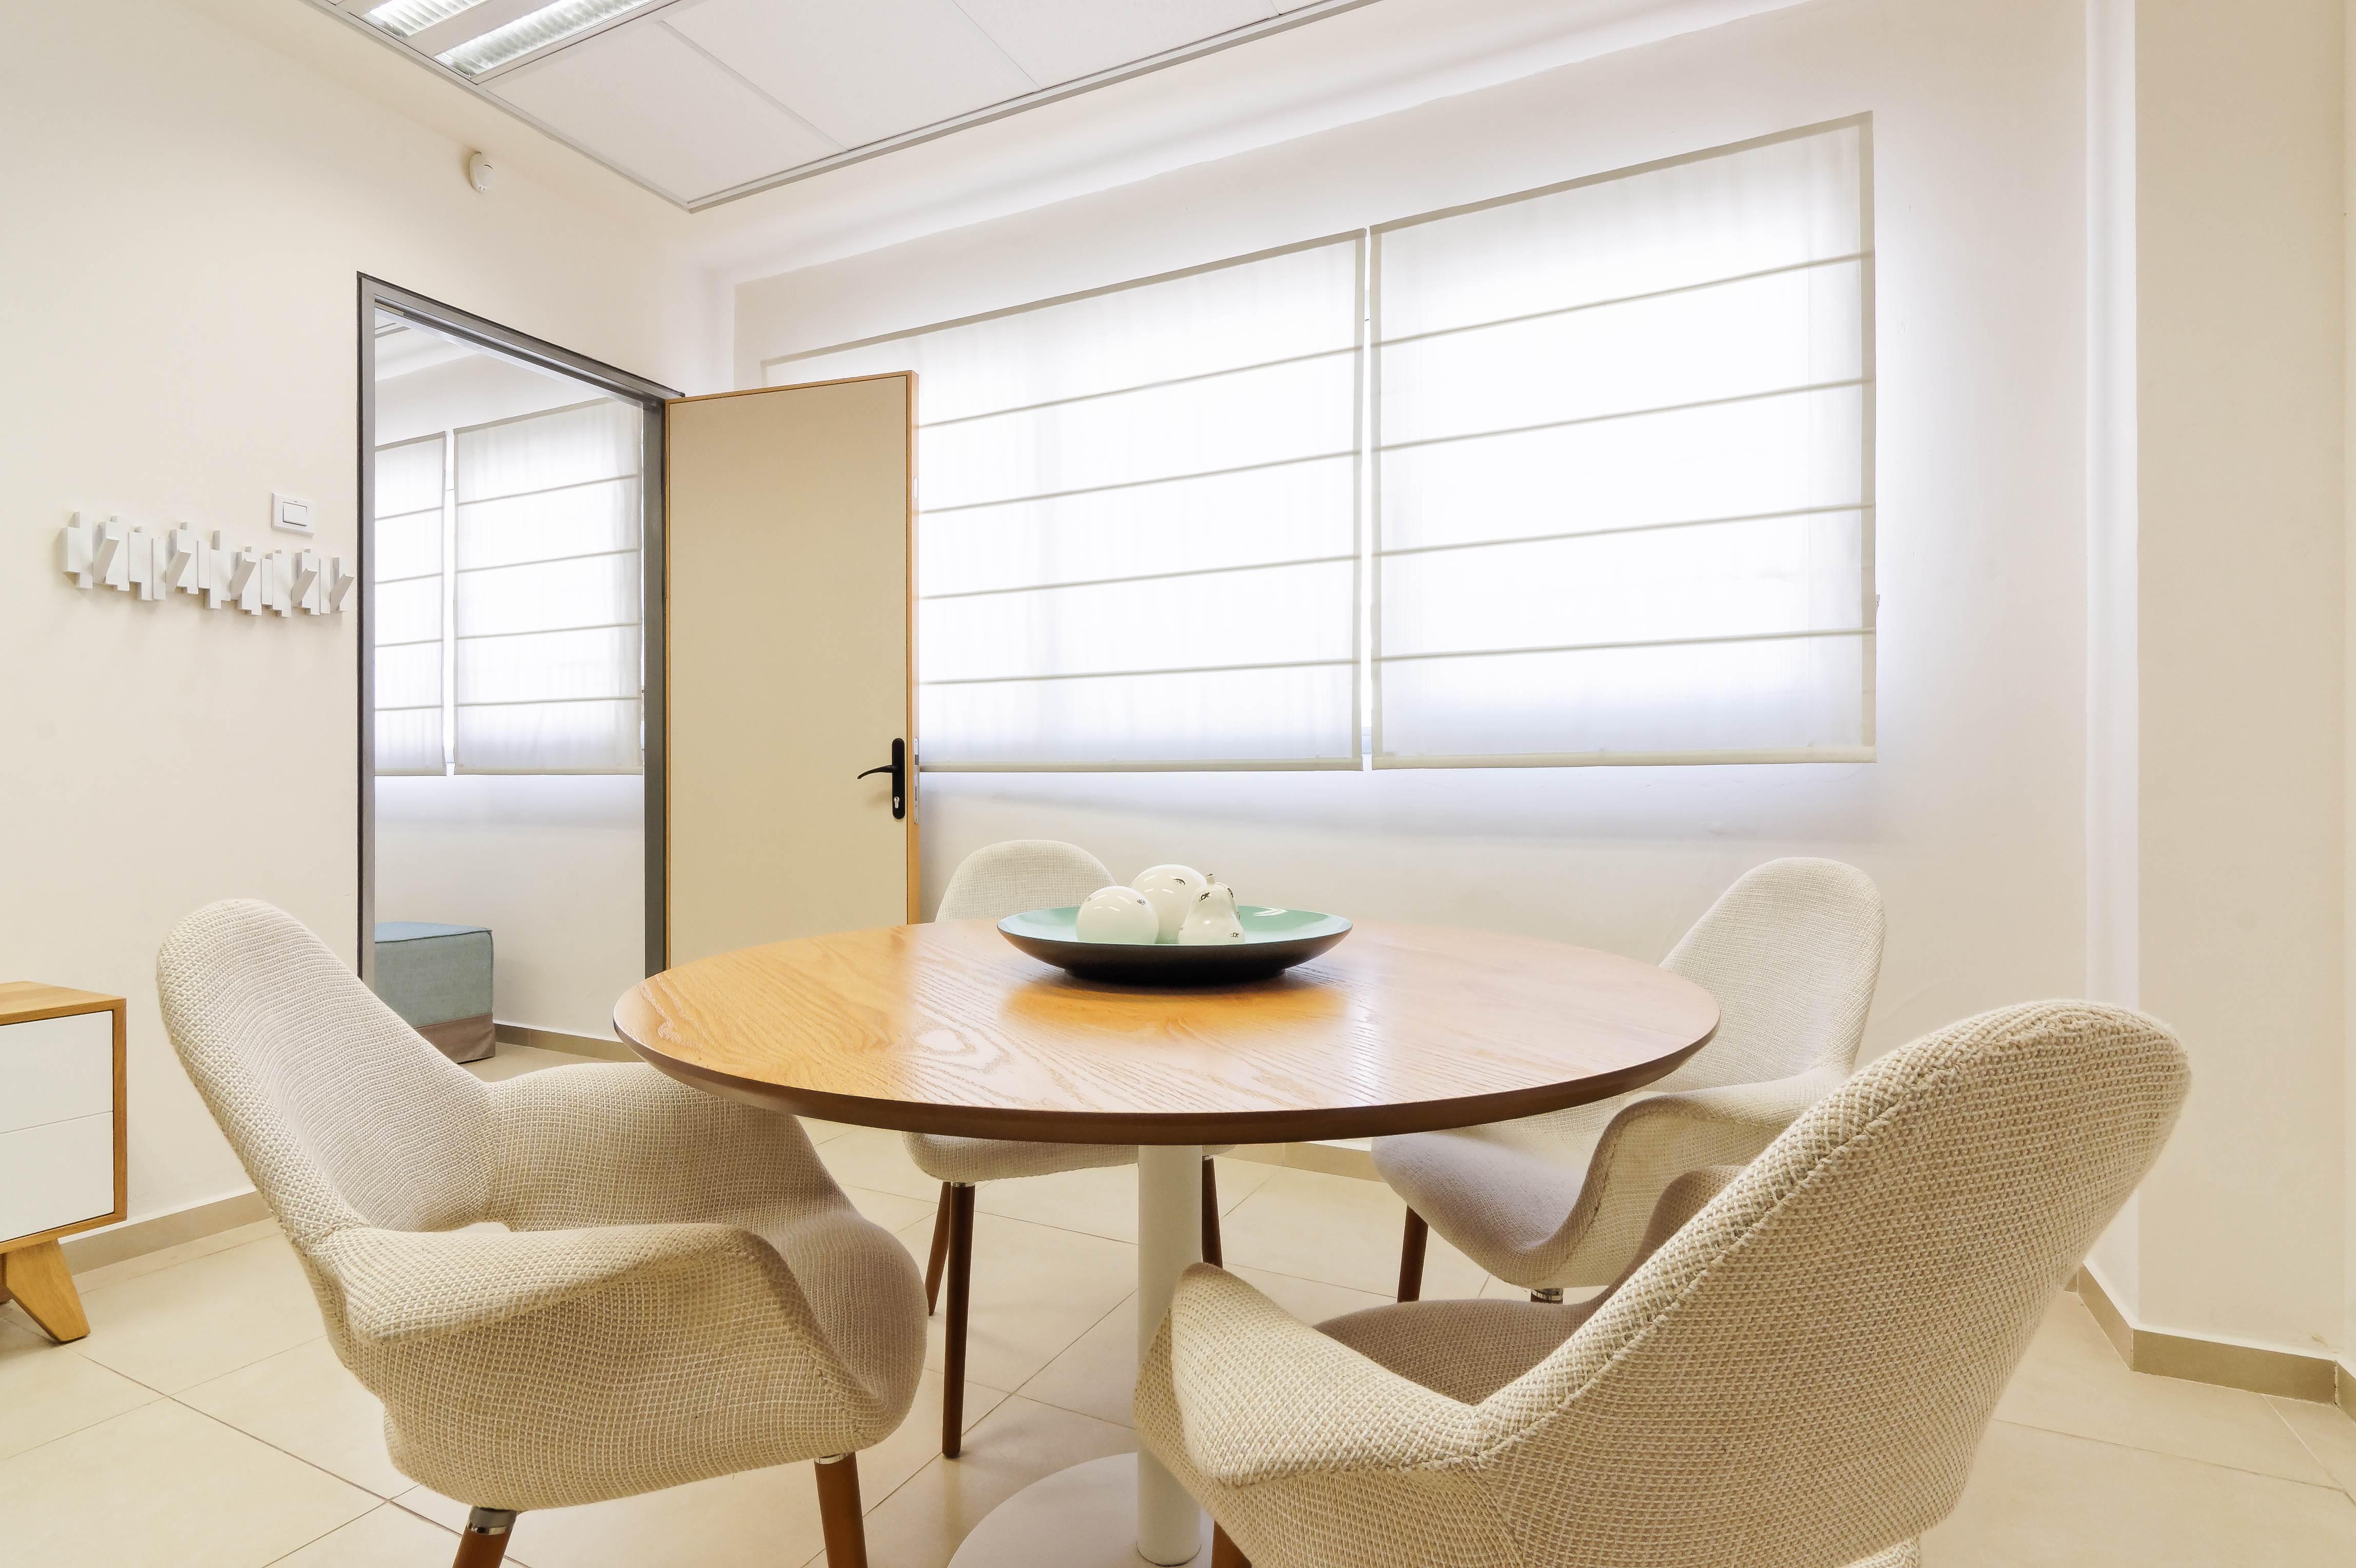 עיצוב משרדים שולחן ישיבות קטן